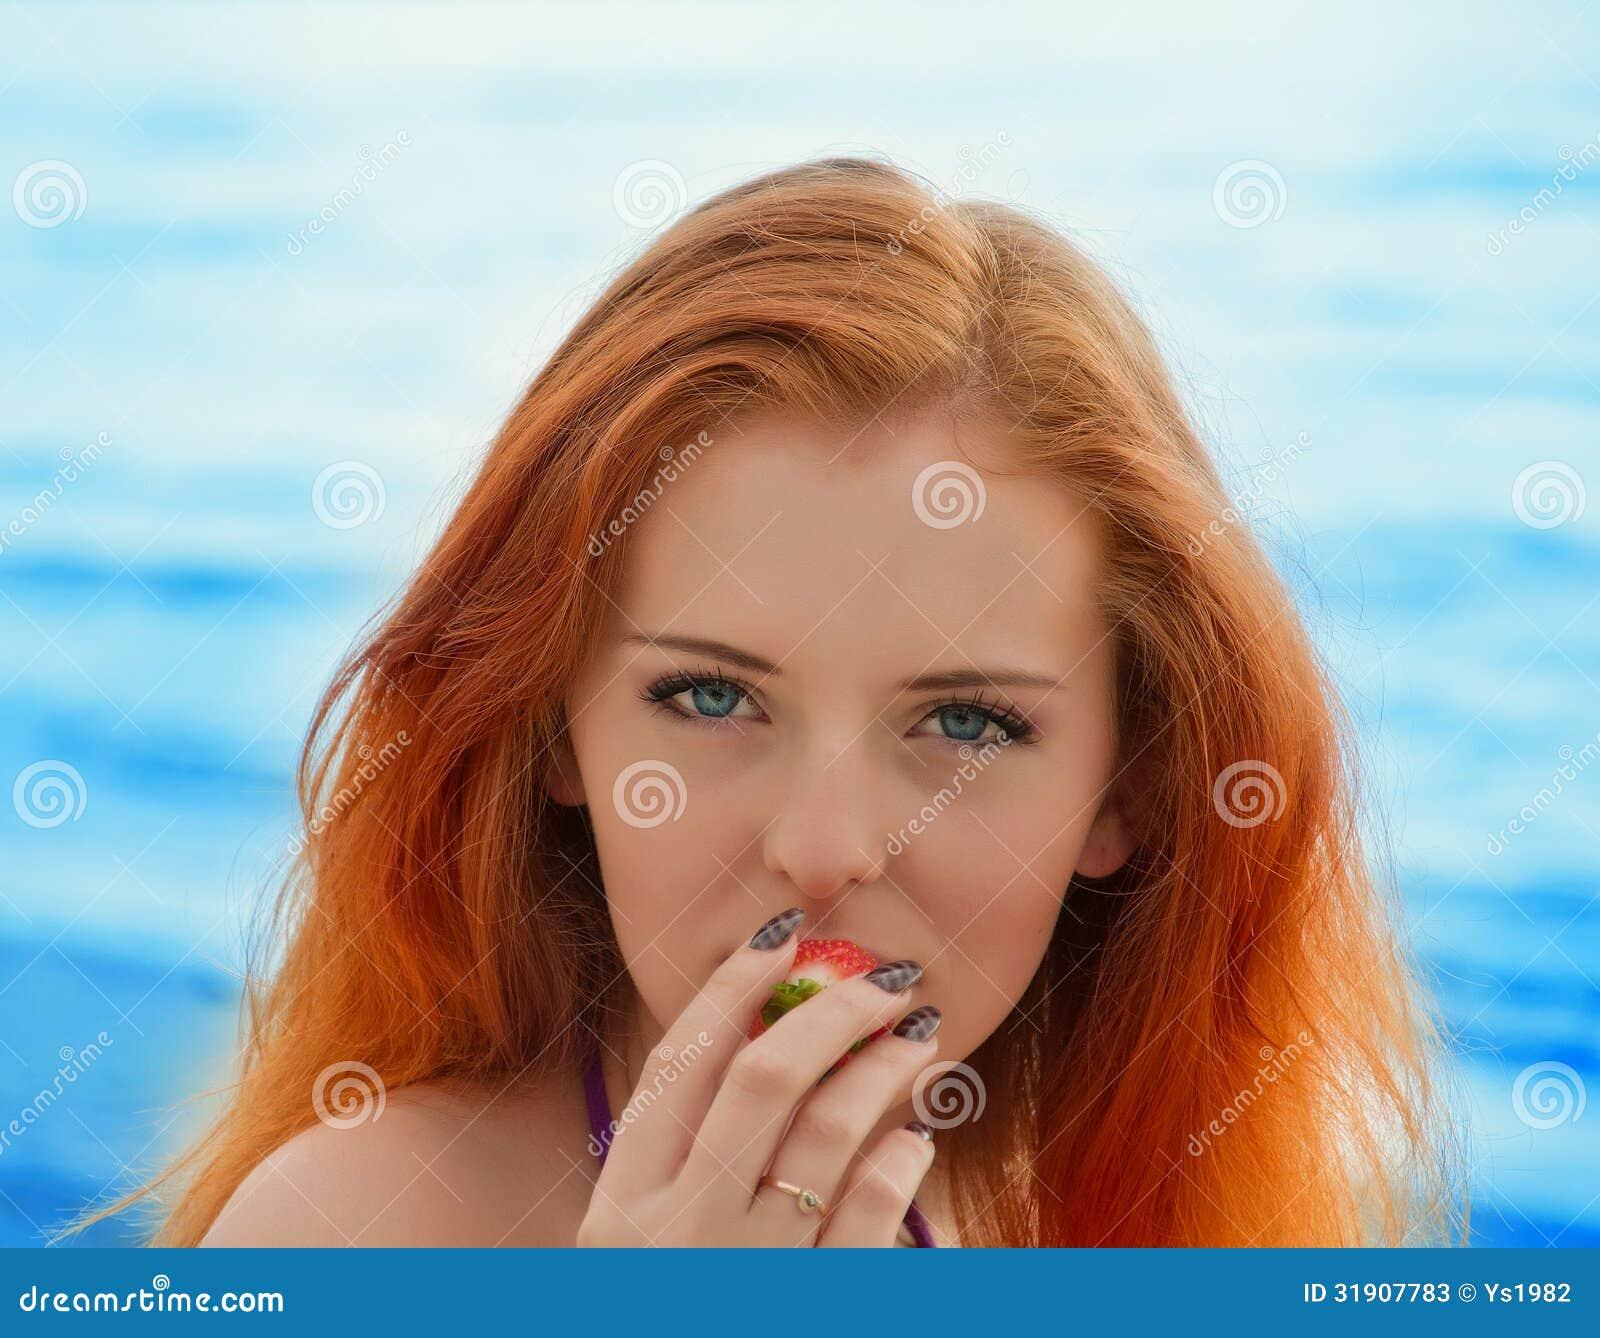 Woman With Beautiful Body In Bikini At Beach Stock Image: Beautiful Sexy Girl With Red Hair And Bikini Posing On A